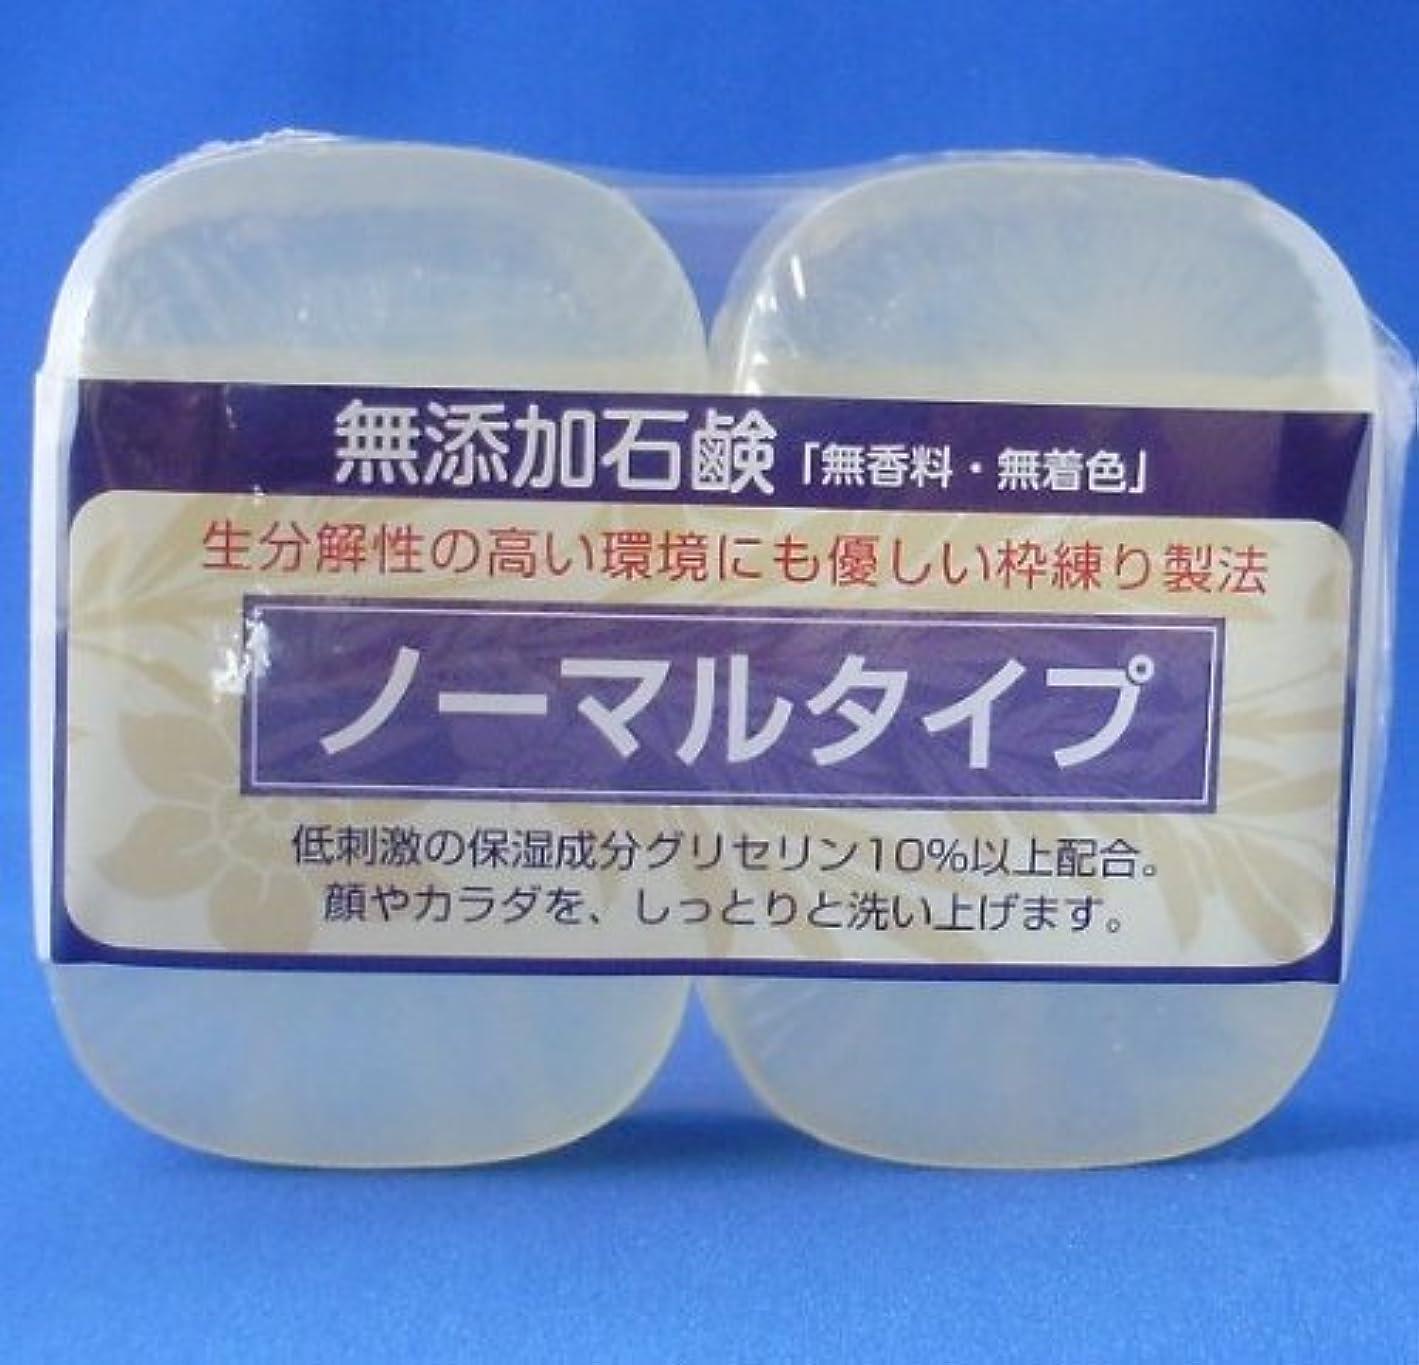 召集するプロテスタント焦げ無添加石鹸 ノーマルタイプ 90g×2個